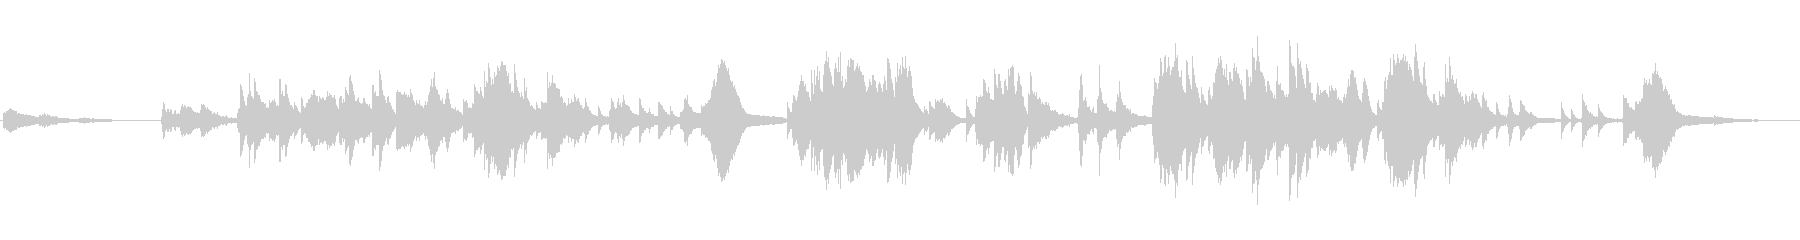 天の川 七夕 7月7日 ピアノの未再生の波形